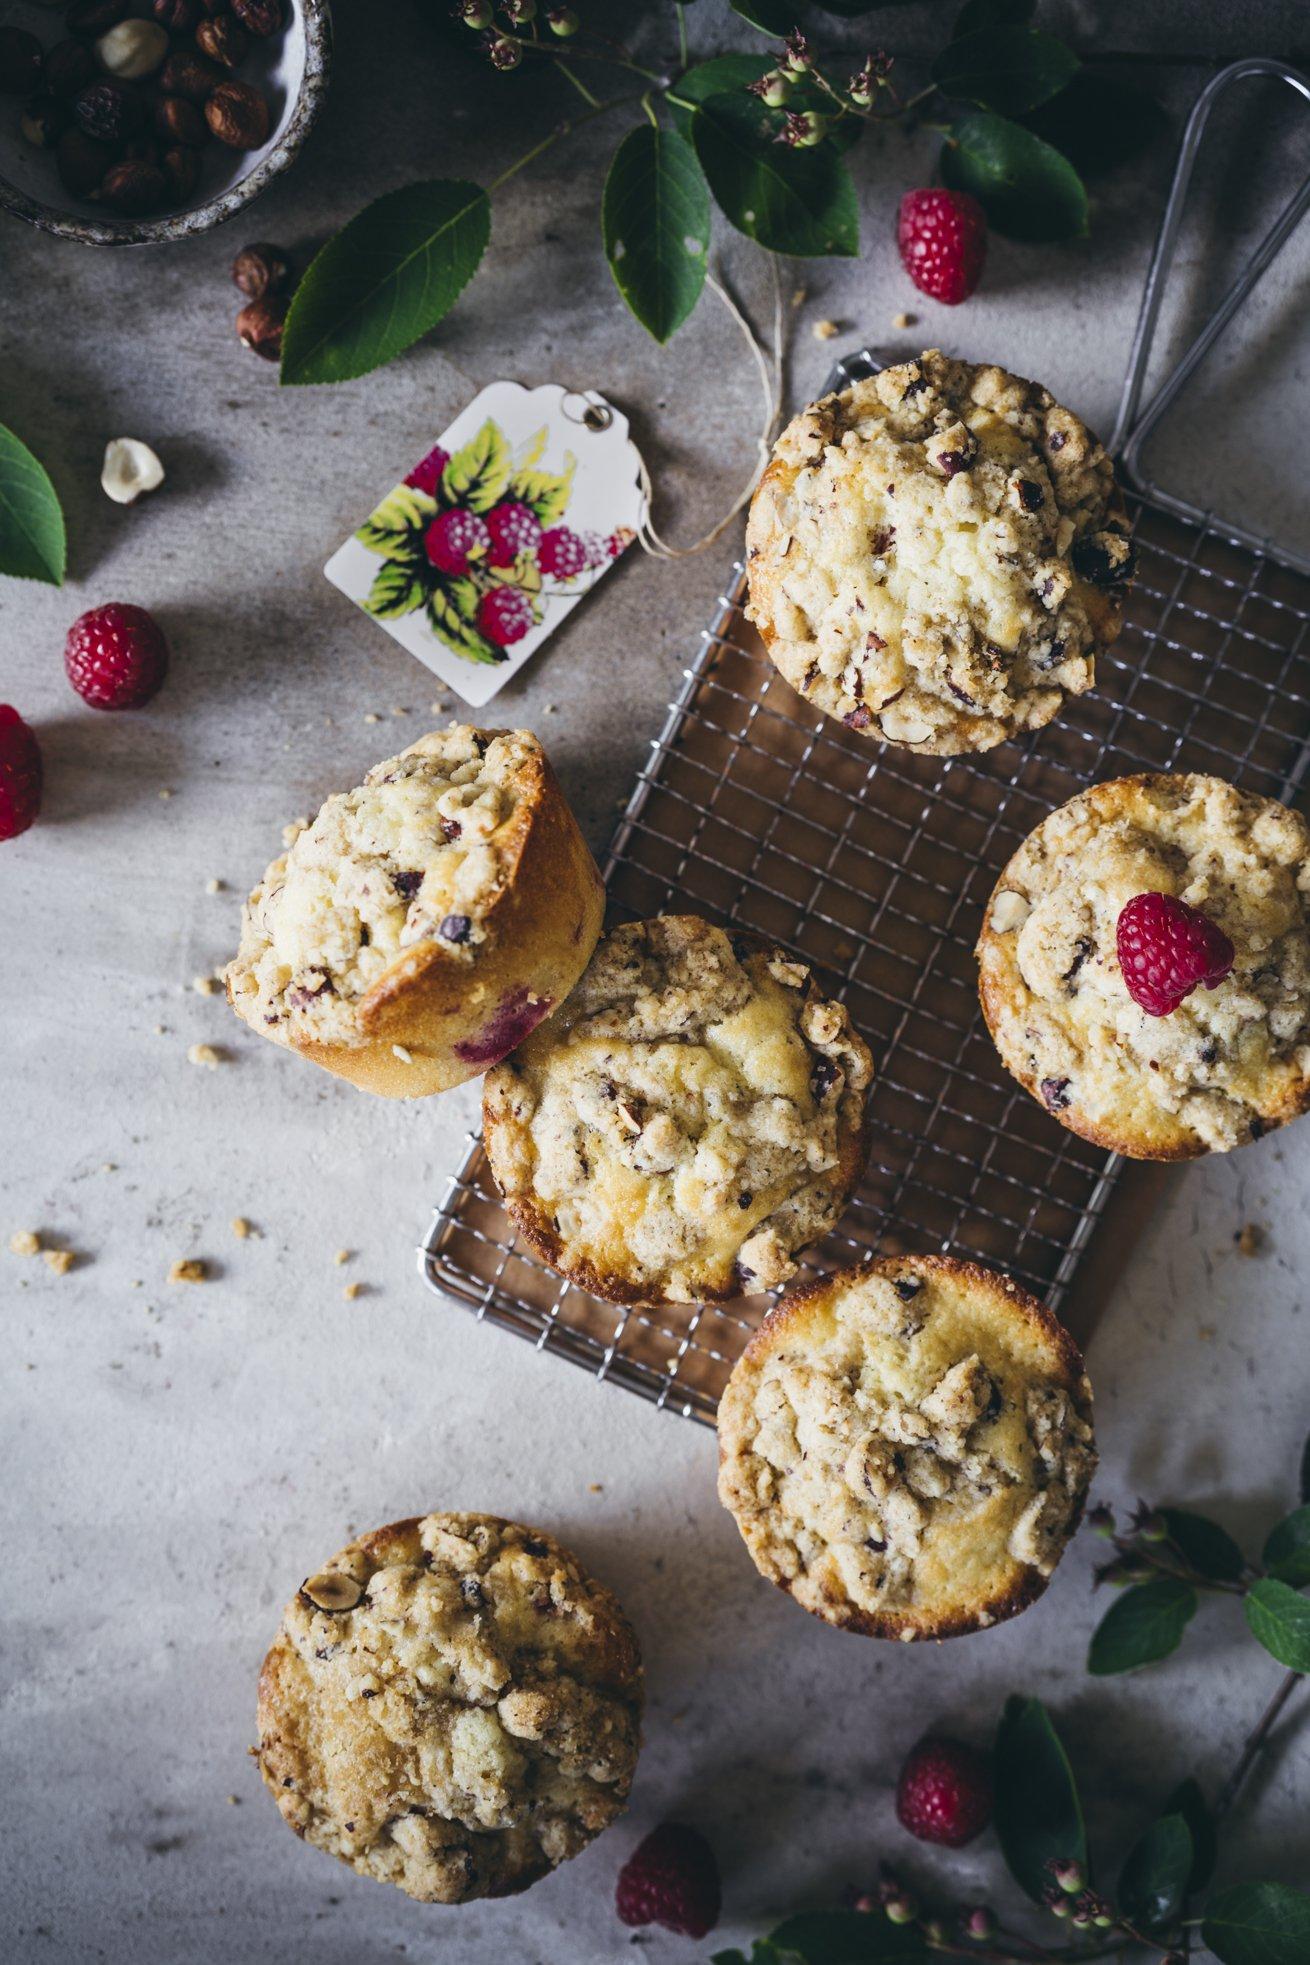 Saftige Muffins mit super knusprigen Streuseln aus Haselnüssen